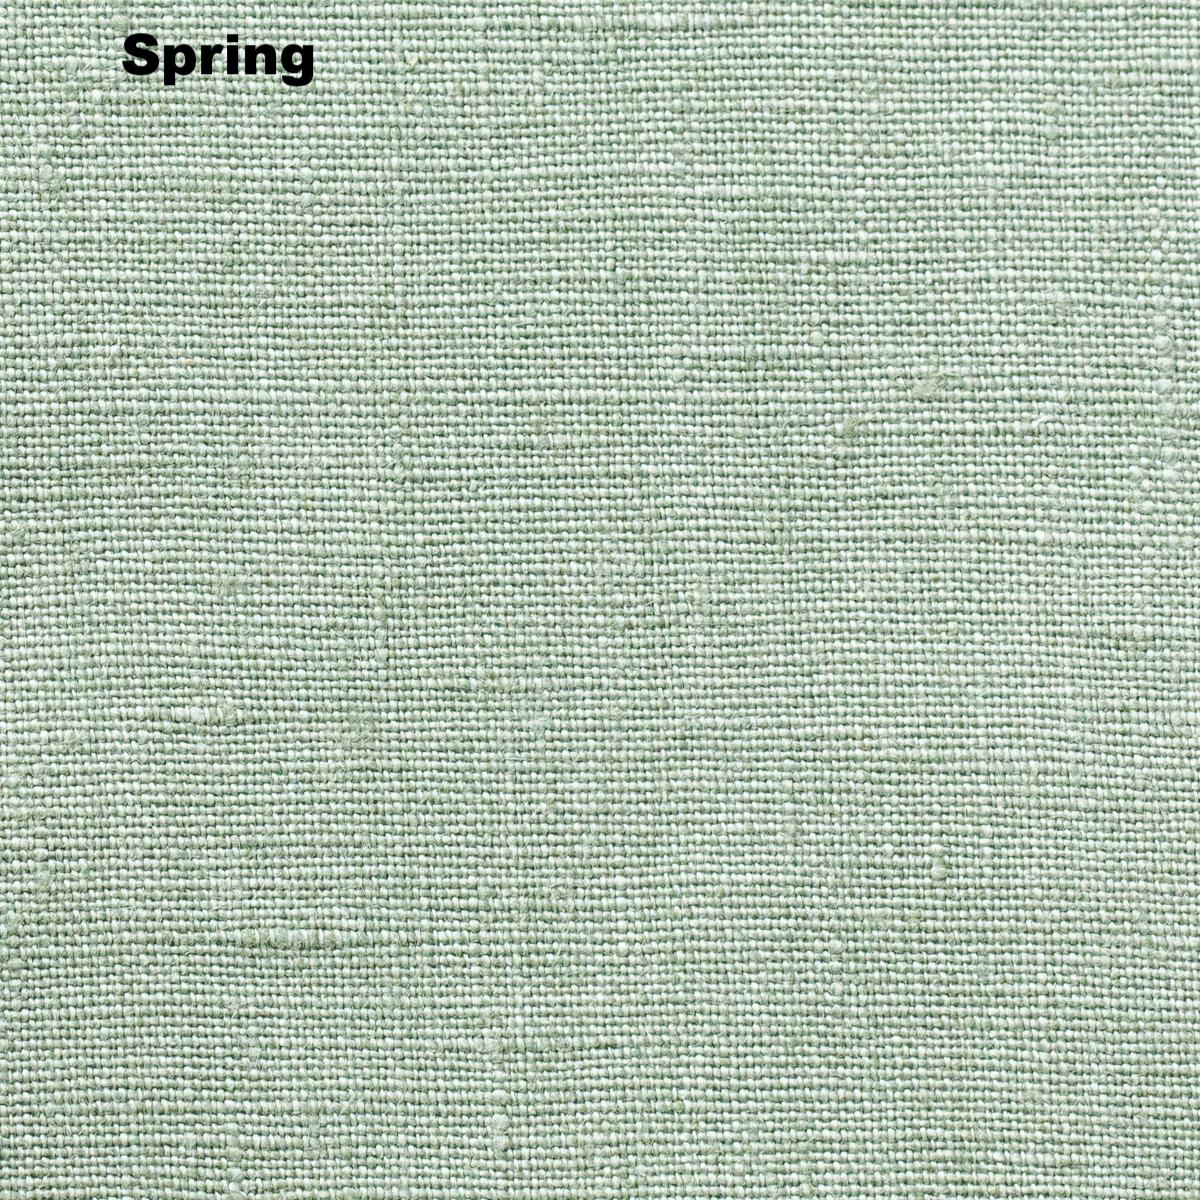 04_spring.jpg